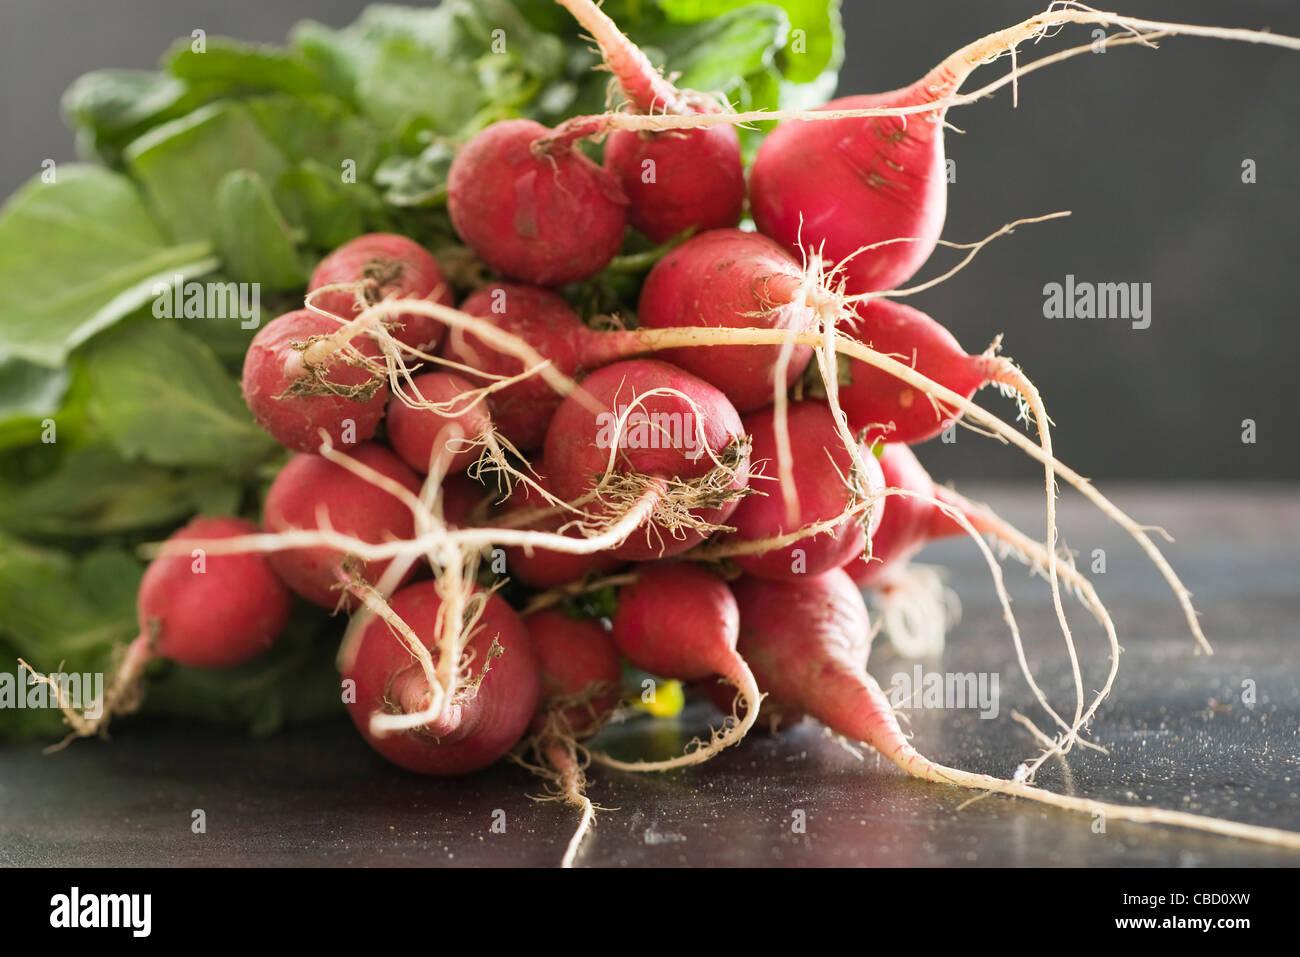 Mazzetto di ravanelli freschi Immagini Stock